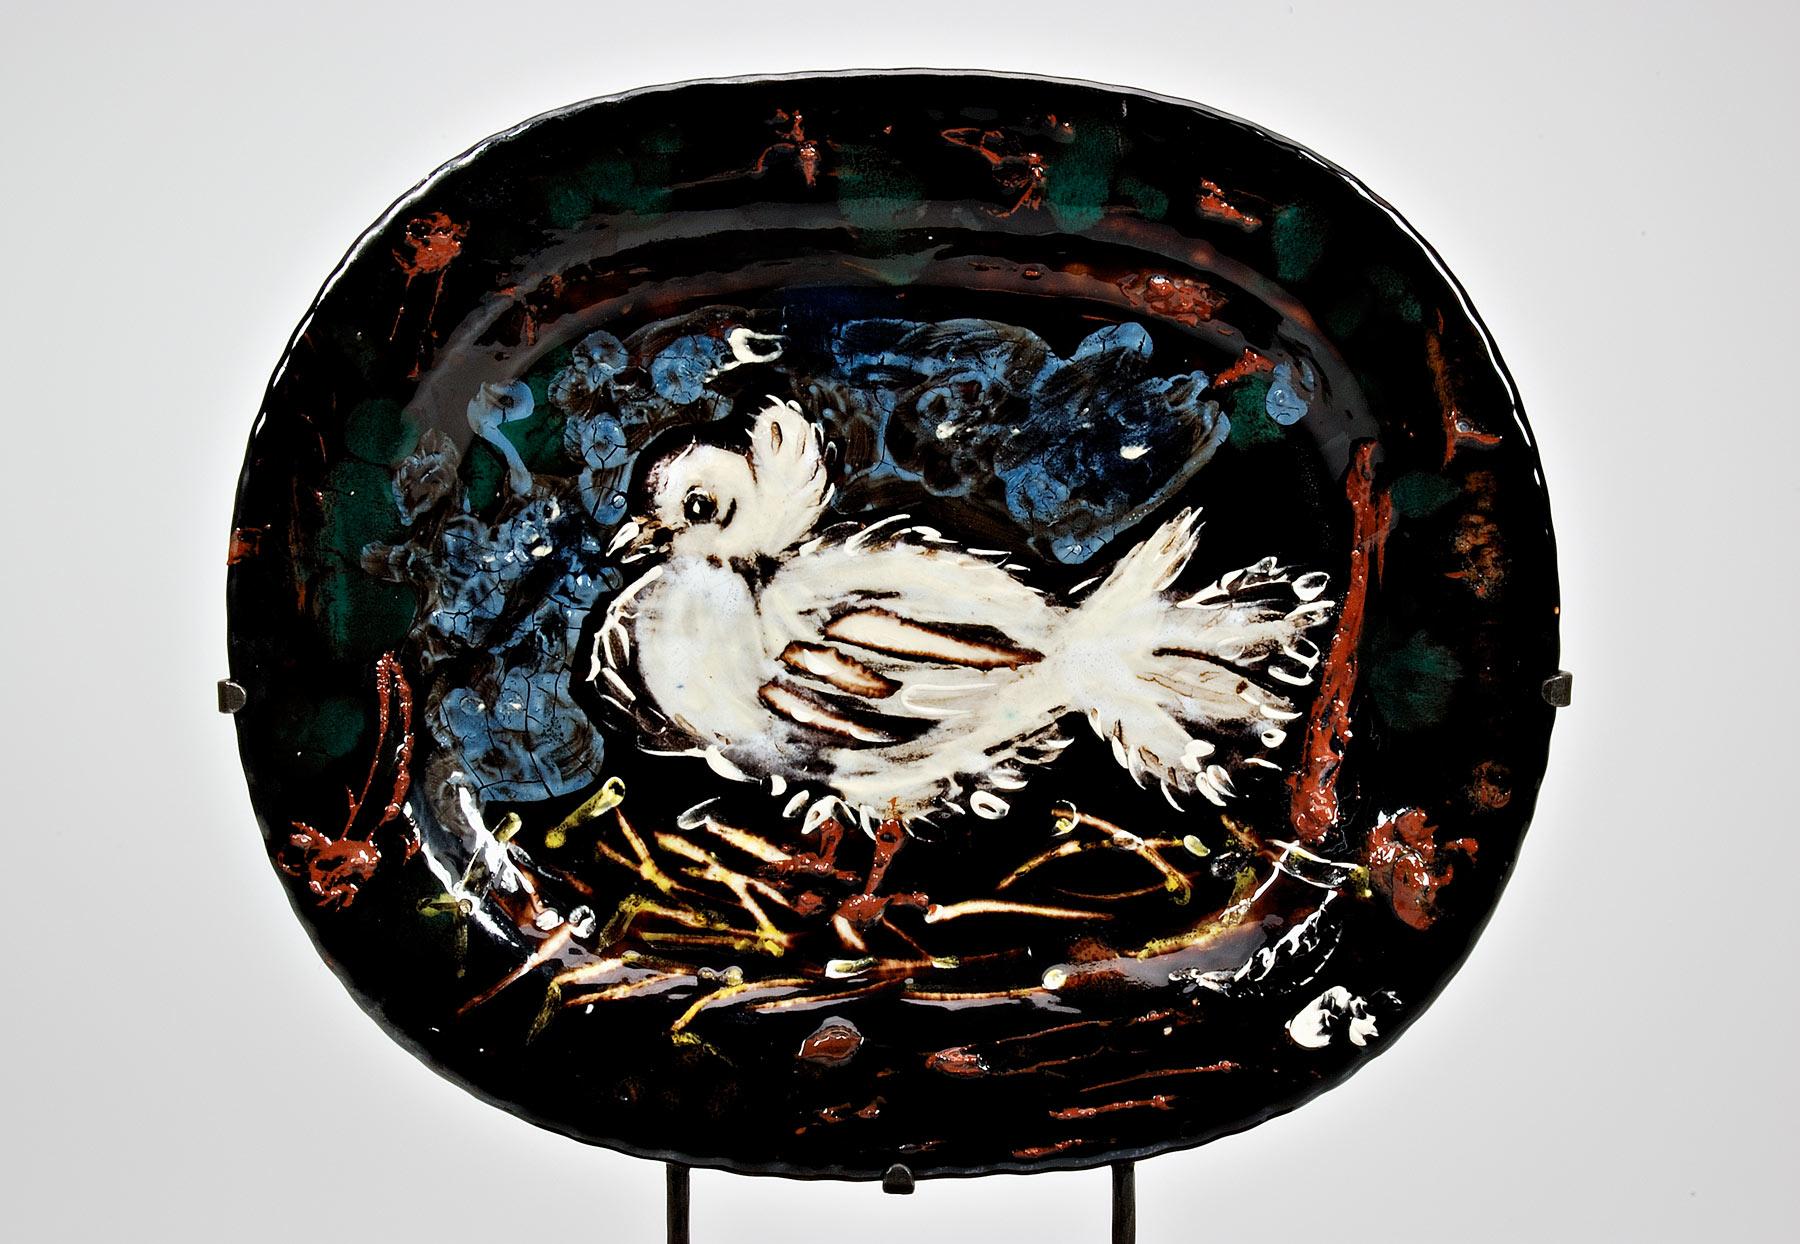 Pablo Picasso, Vassoio con colomba (ottobre 1949, Vallauris; terraglia dipinta e invetriata,32 x 38,5 cm; Faenza, Museo Internazionale della Ceramica)